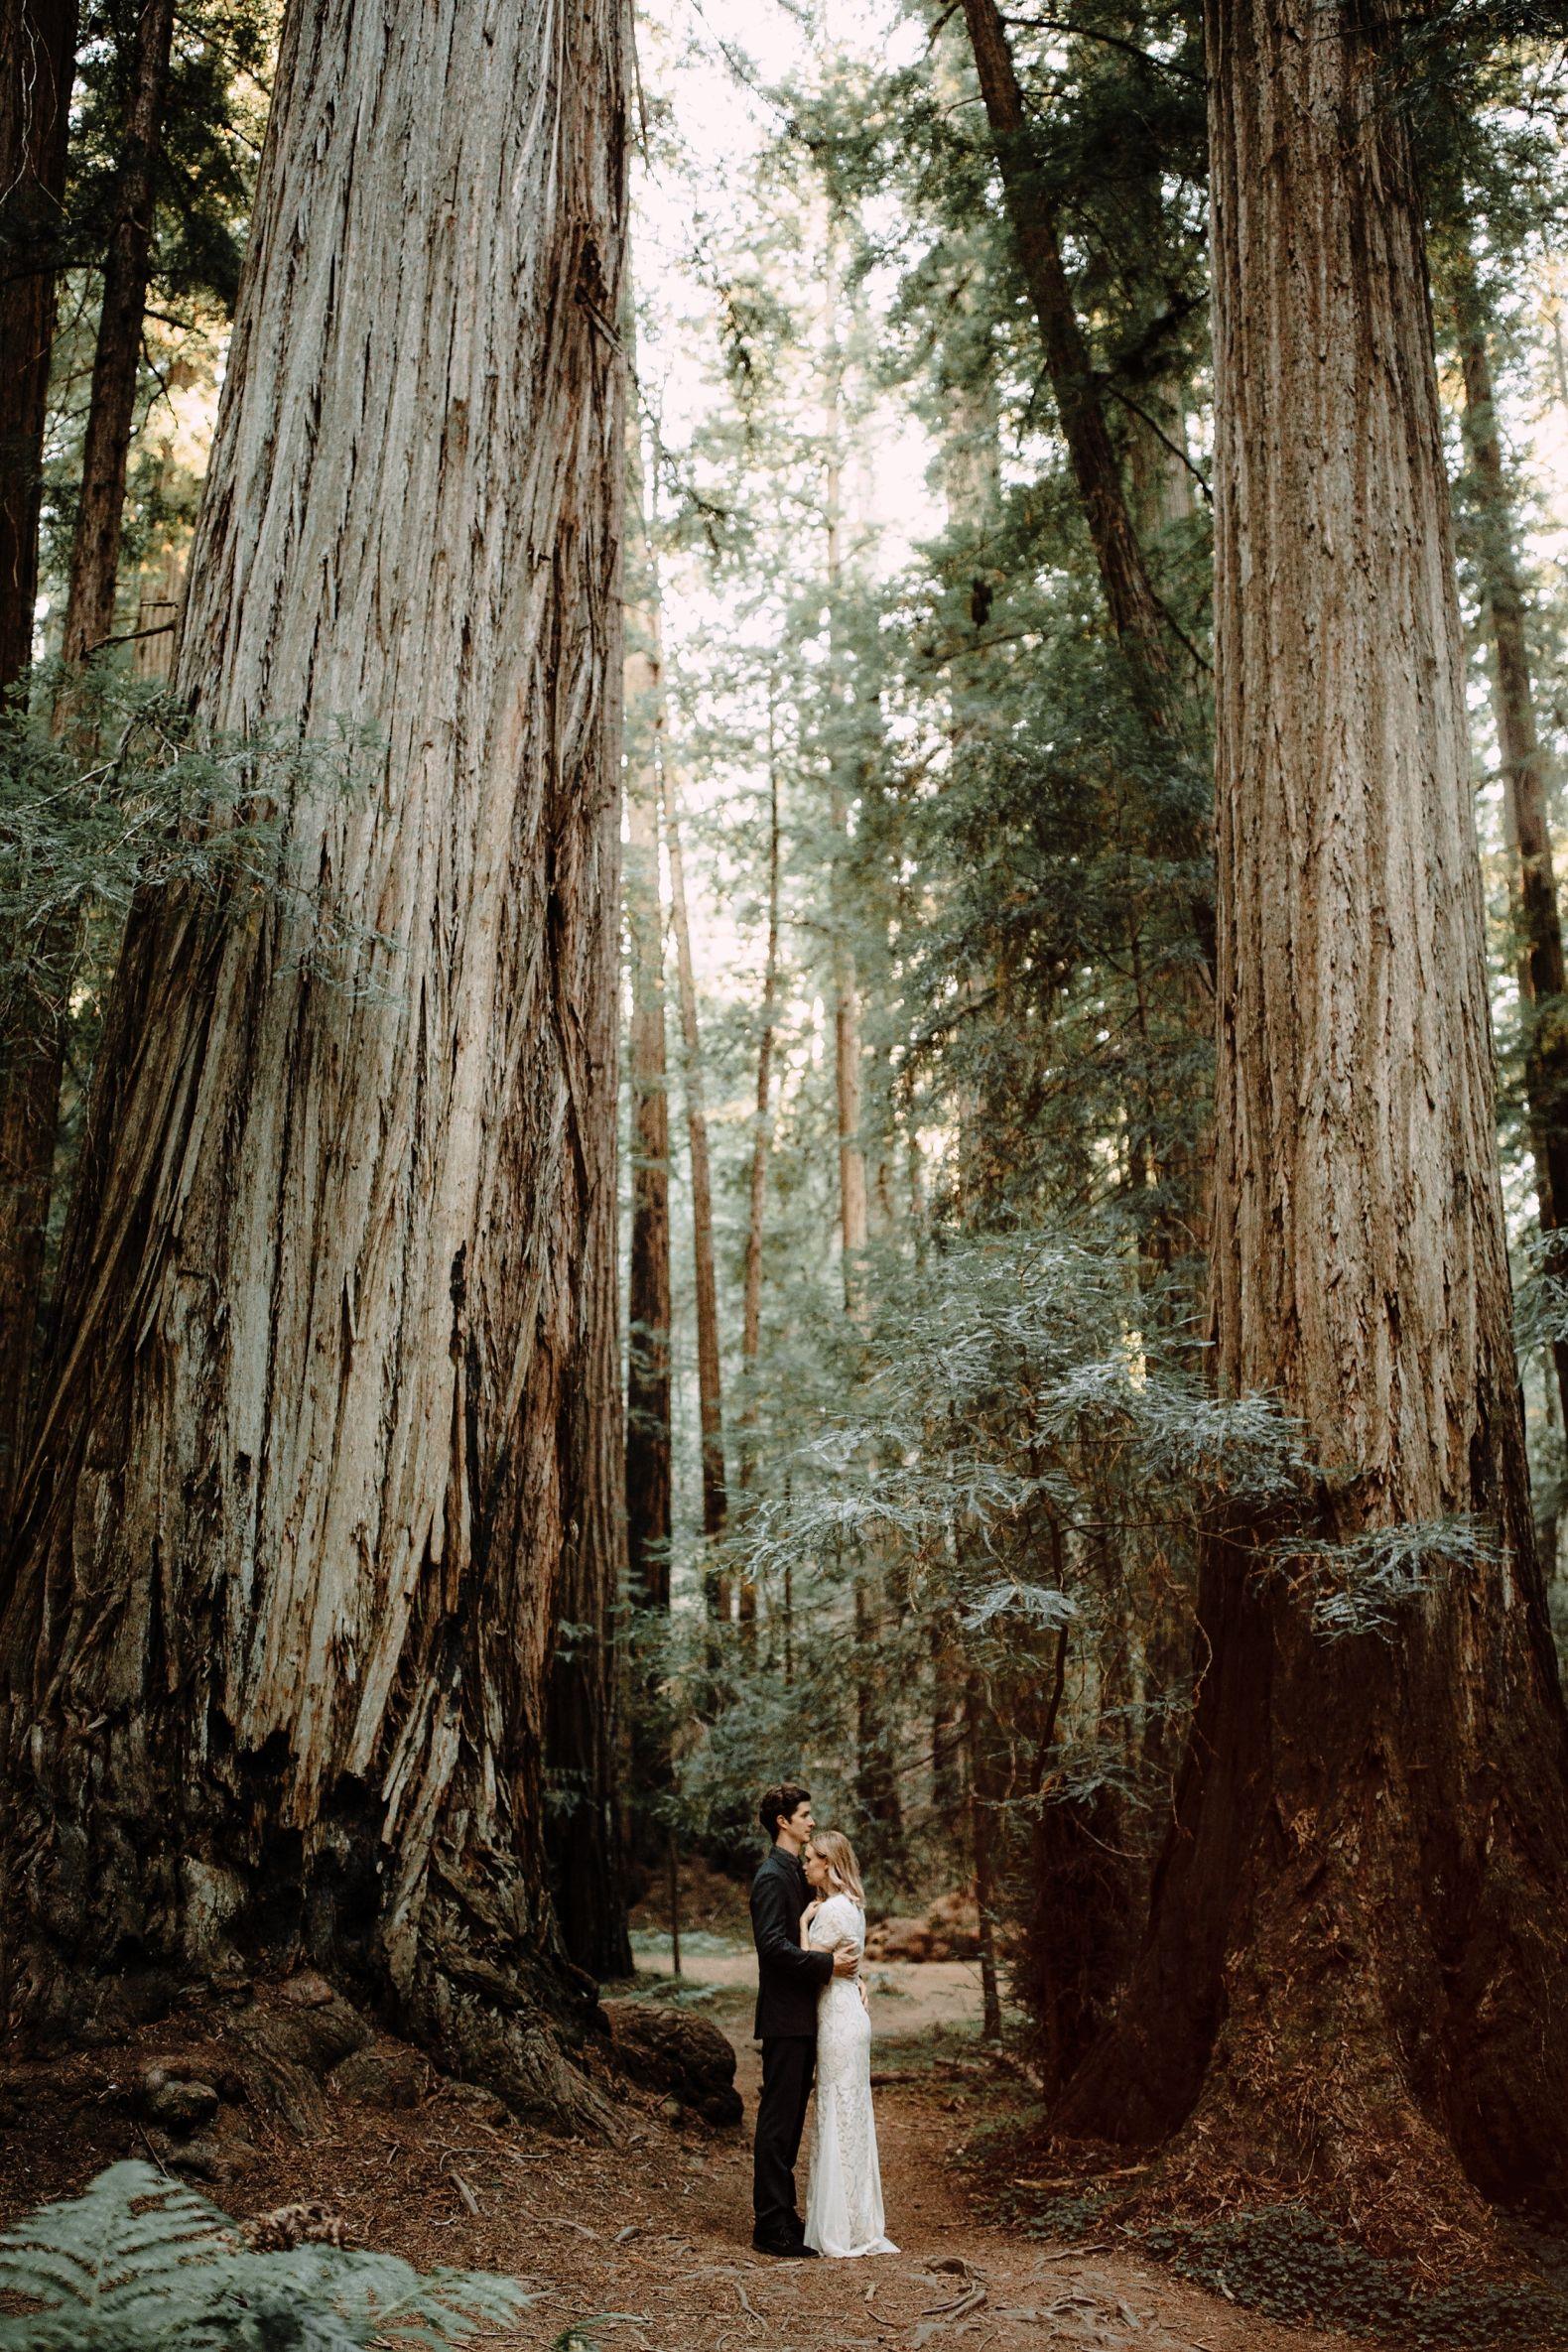 Elopement ideas redwood forest elopement california